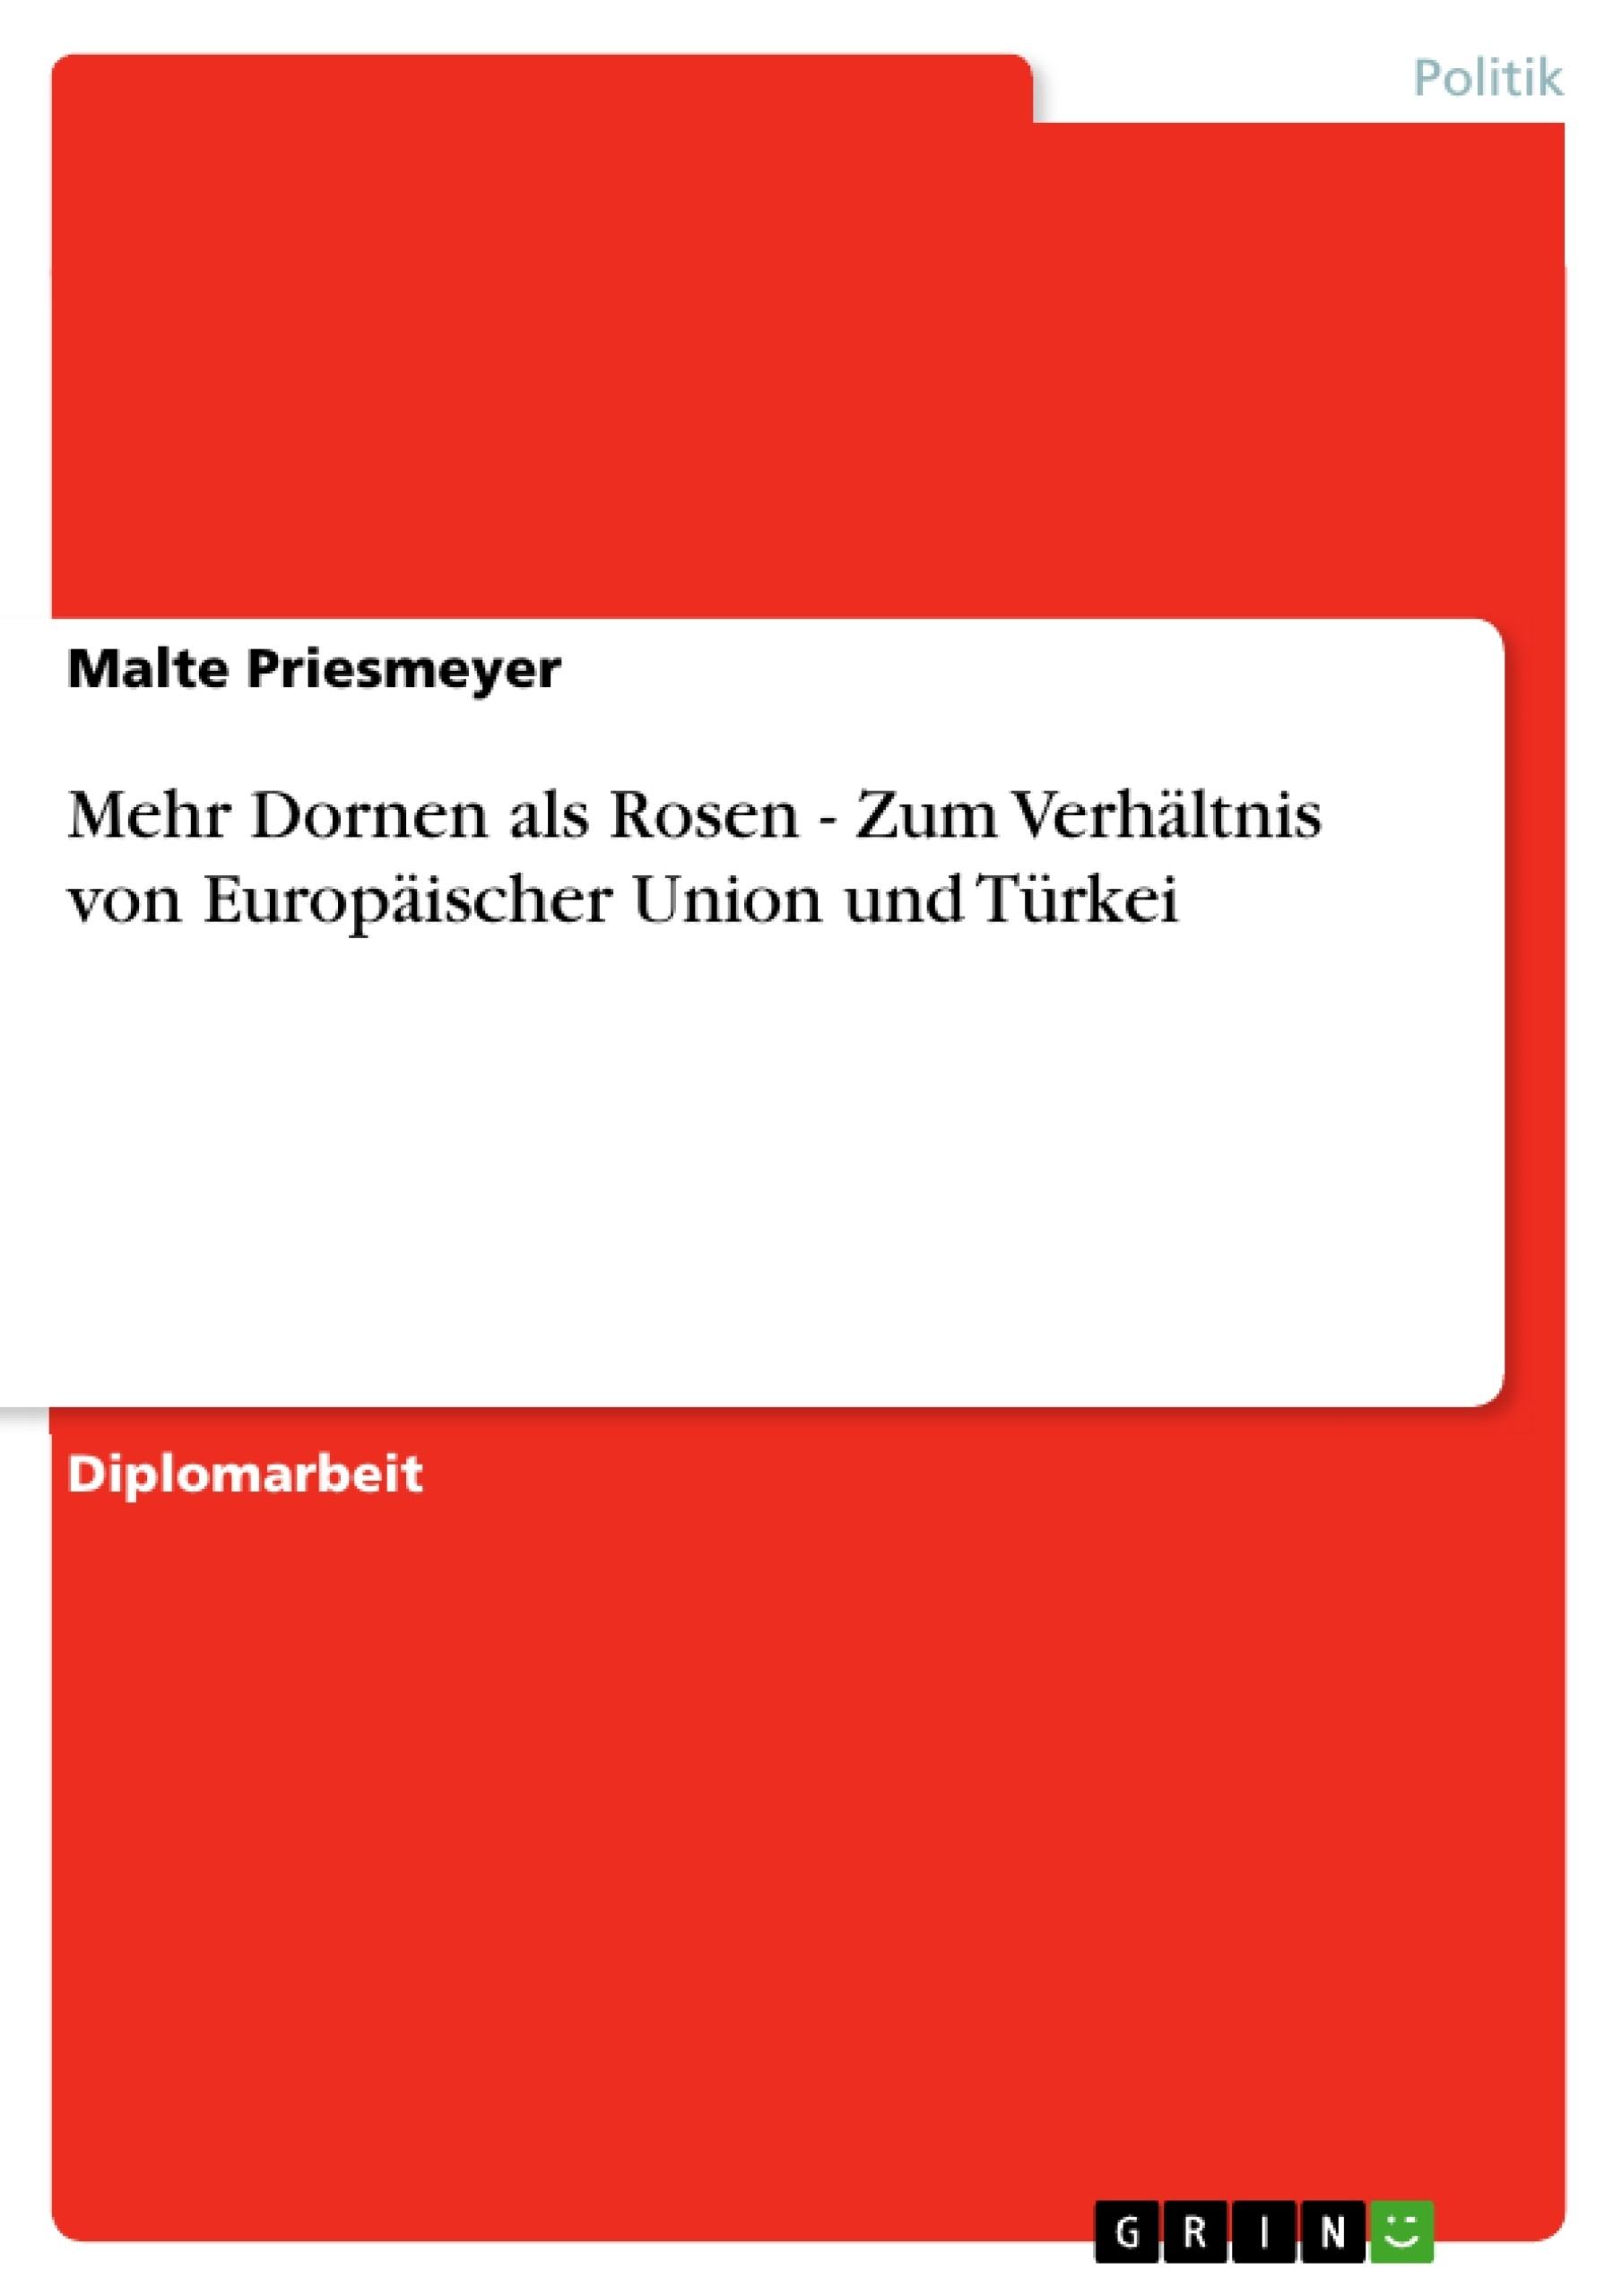 Titel: Mehr Dornen als Rosen - Zum Verhältnis von Europäischer Union und Türkei